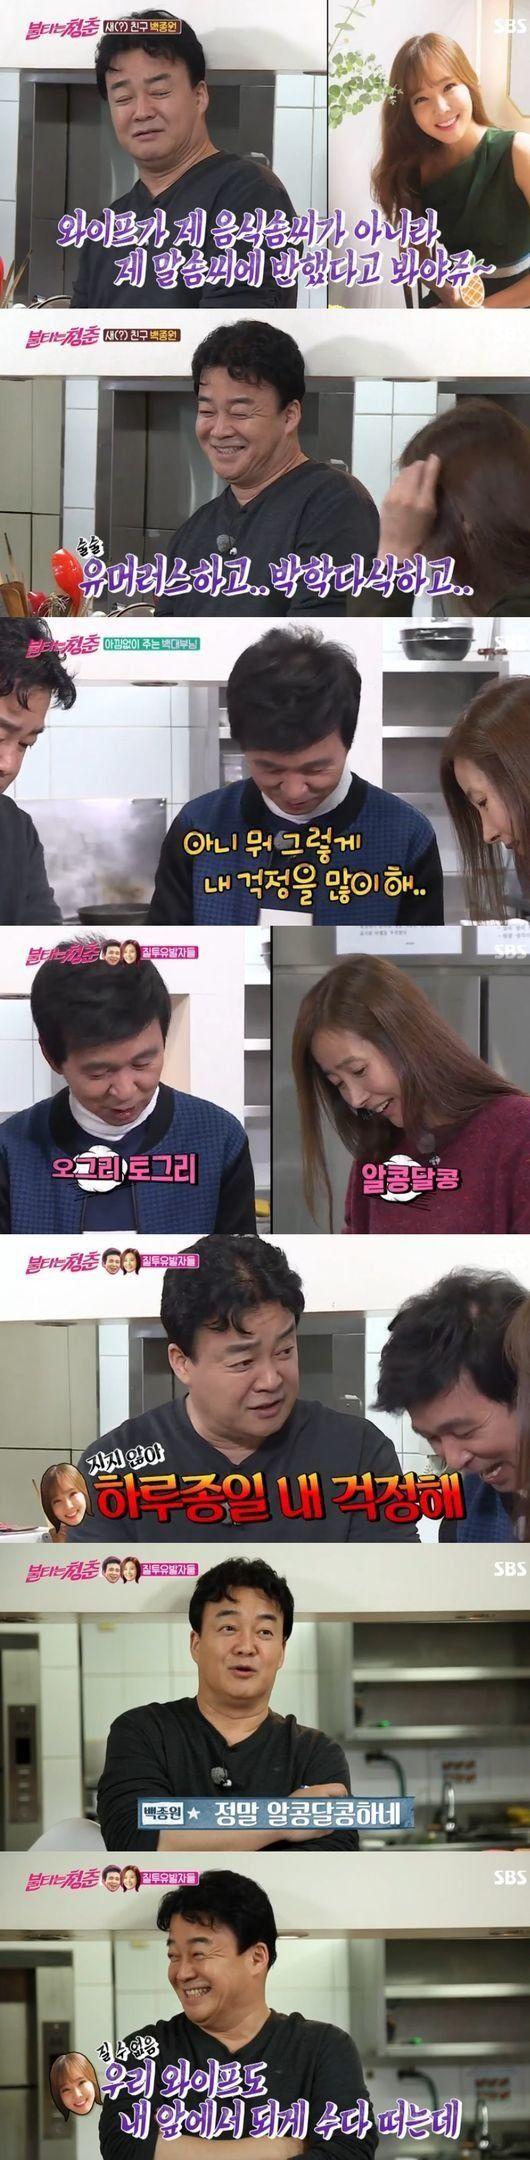 [어저께TV] '불청' 김국진vs백종원, 꿀잼 부른 사랑꾼